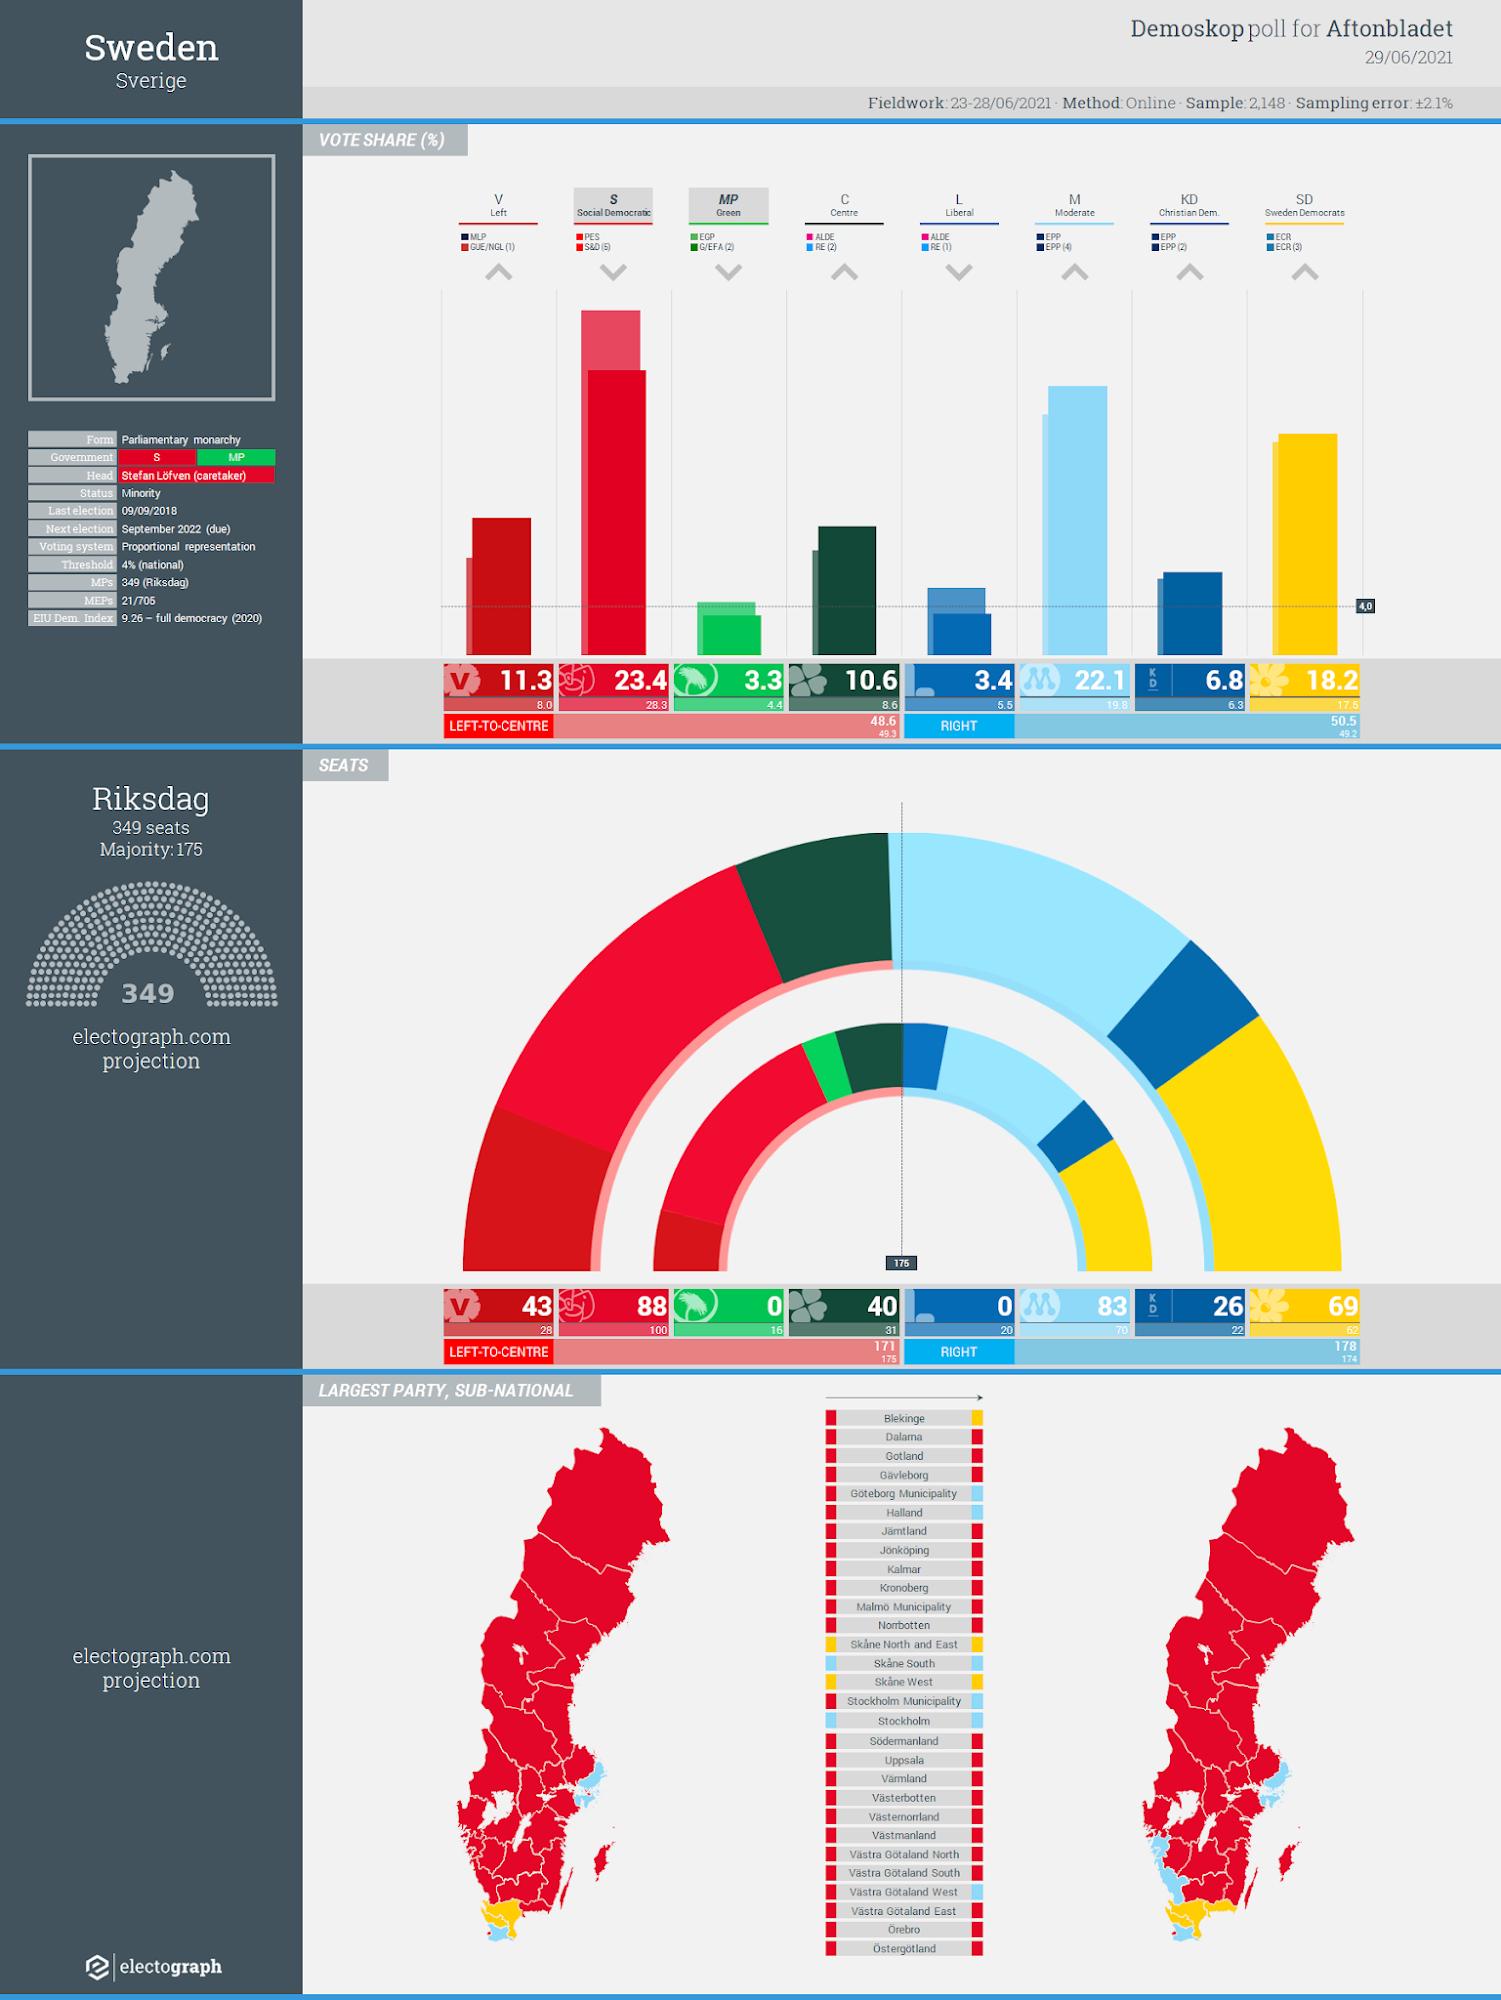 SWEDEN: Demoskop poll chart for Aftonbladet, 29 June 2021